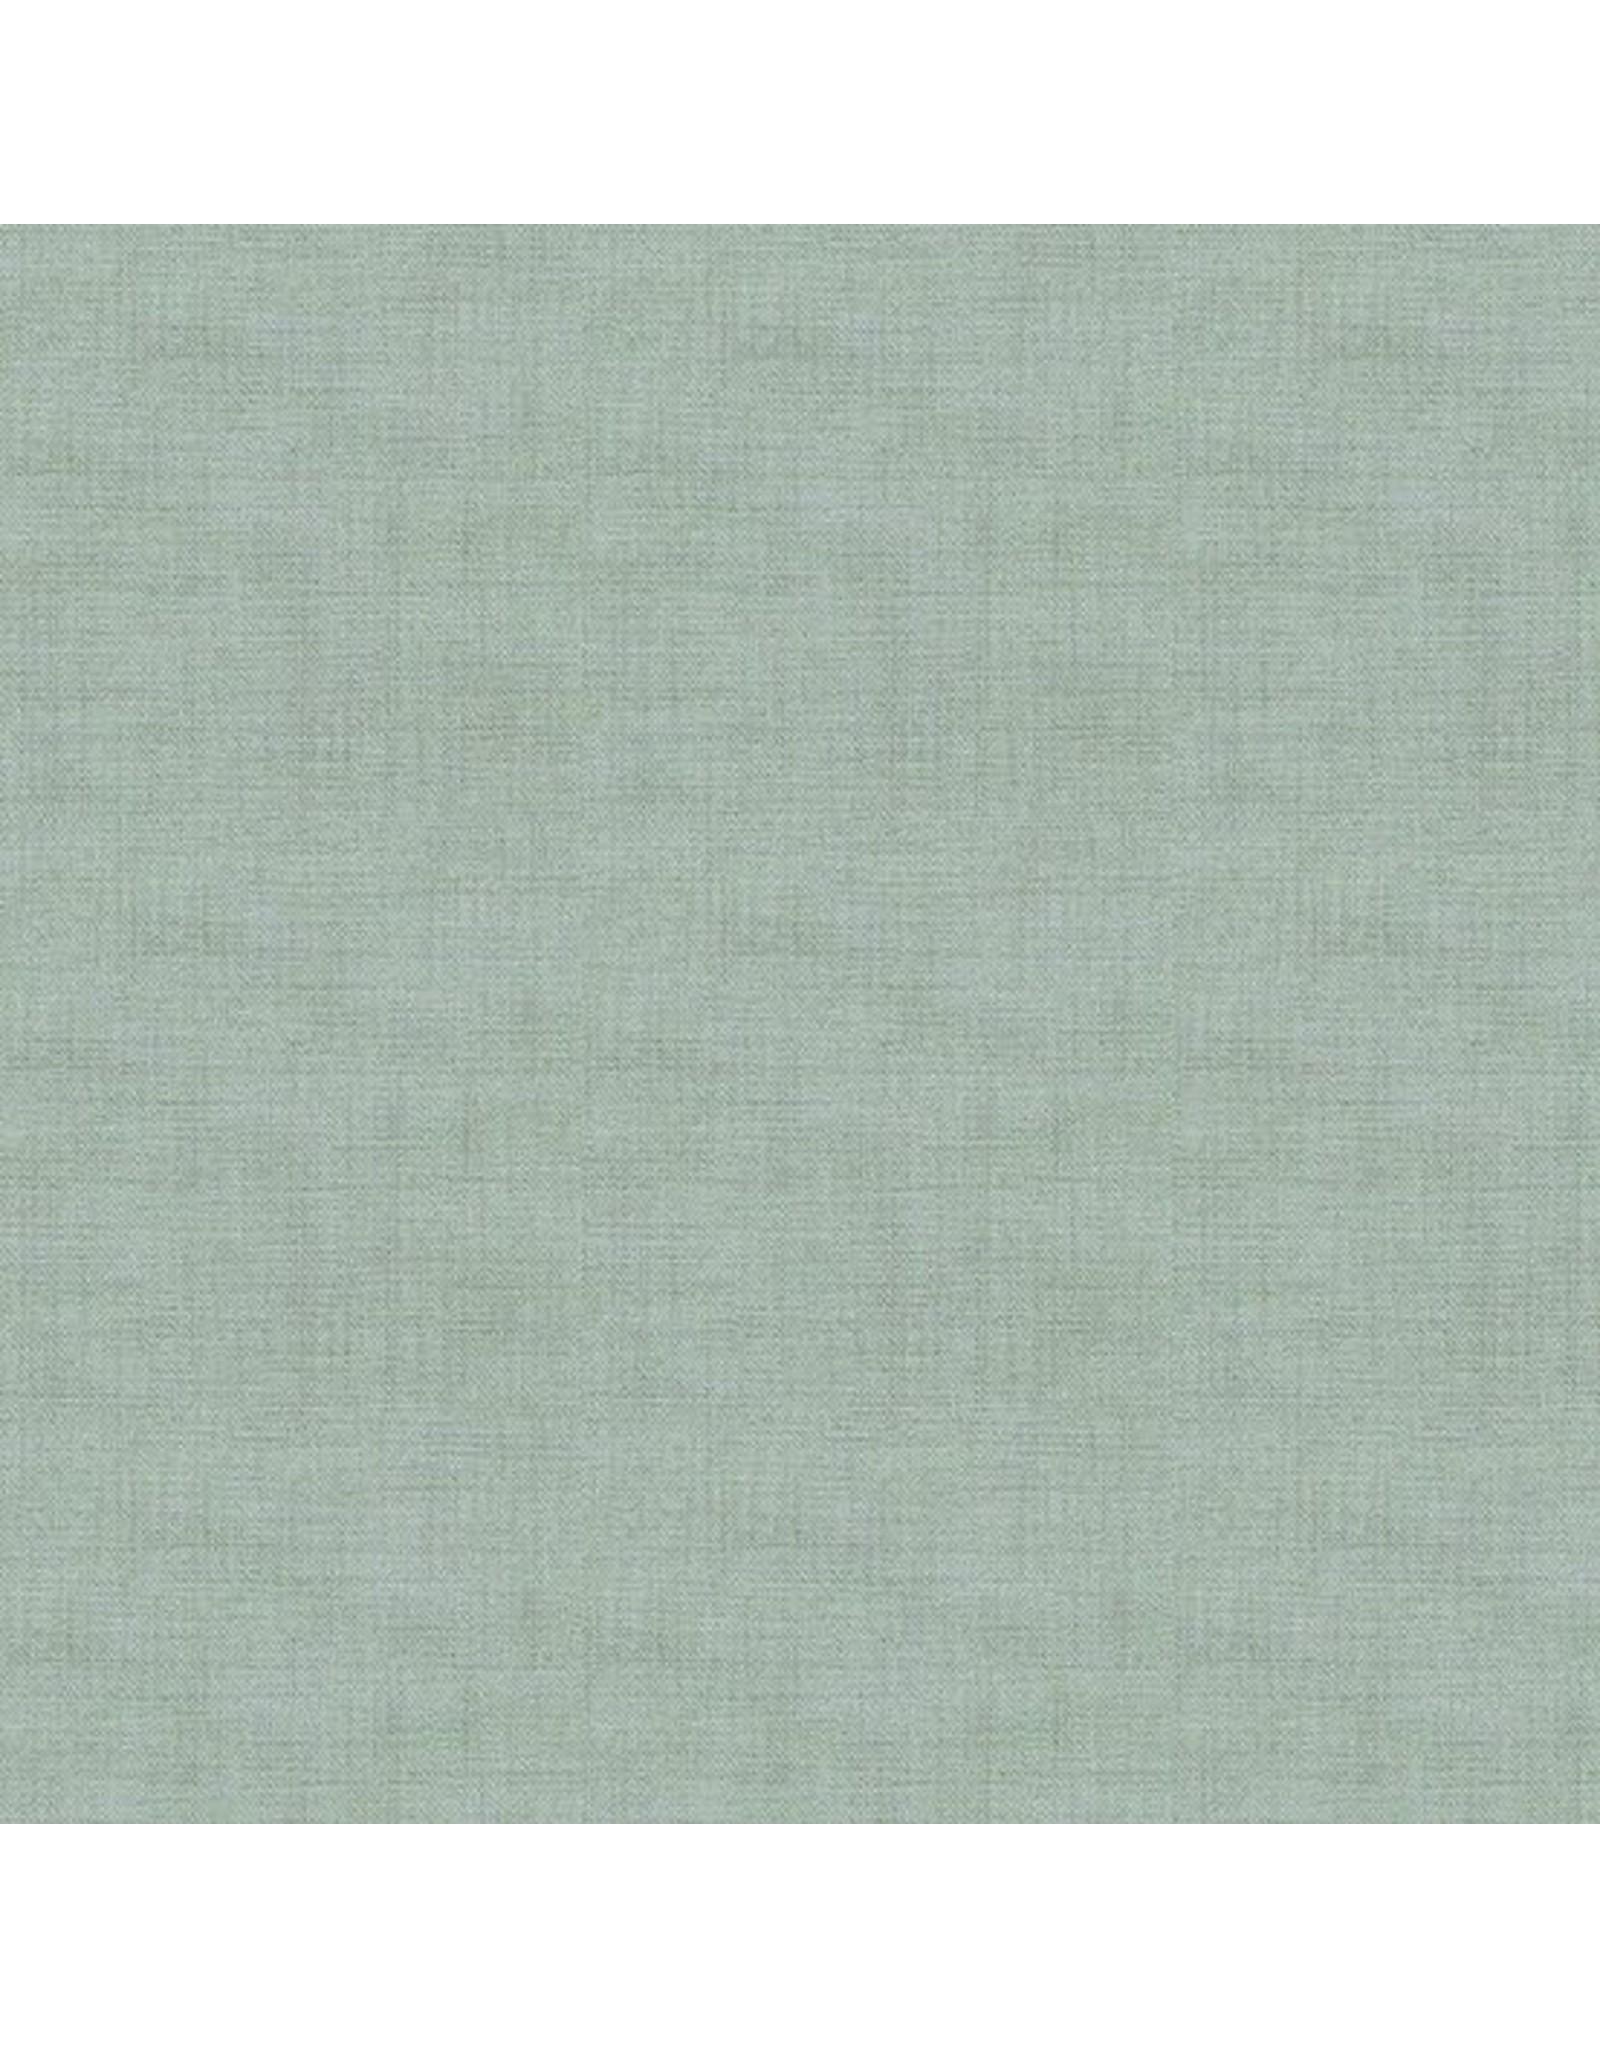 Makower UK Linen Texture - Blue Grey